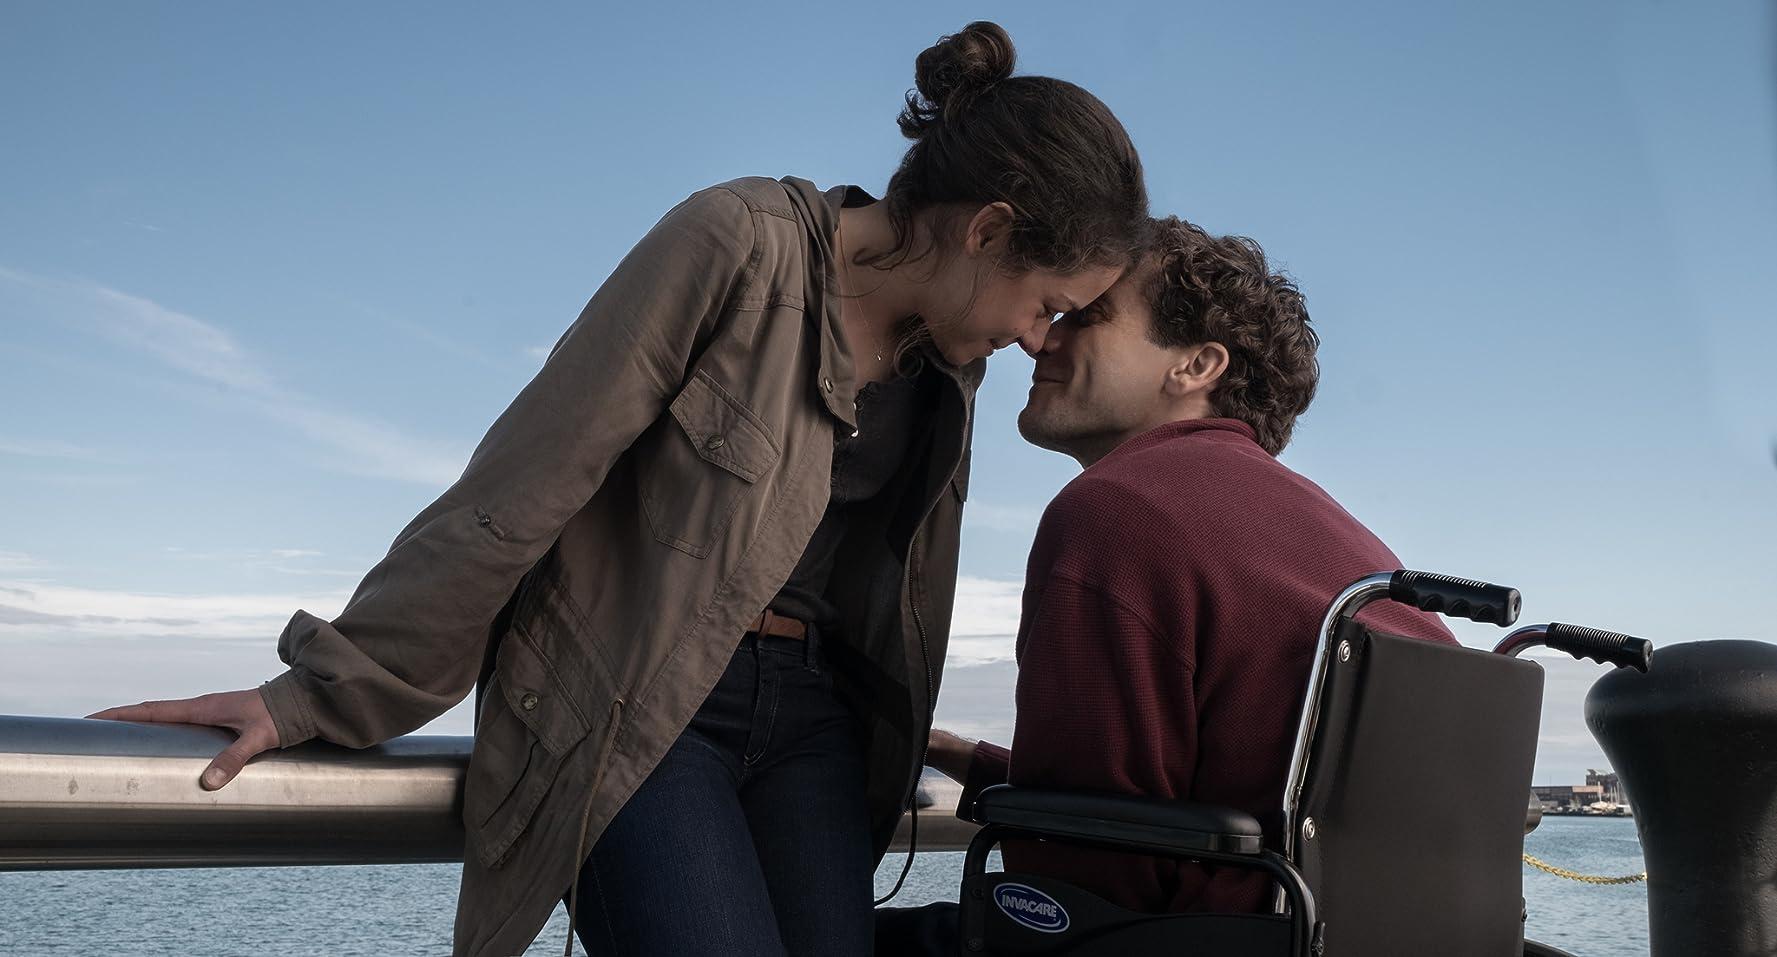 Jake Gyllenhaal and Tatiana Maslany in Stronger (2017)